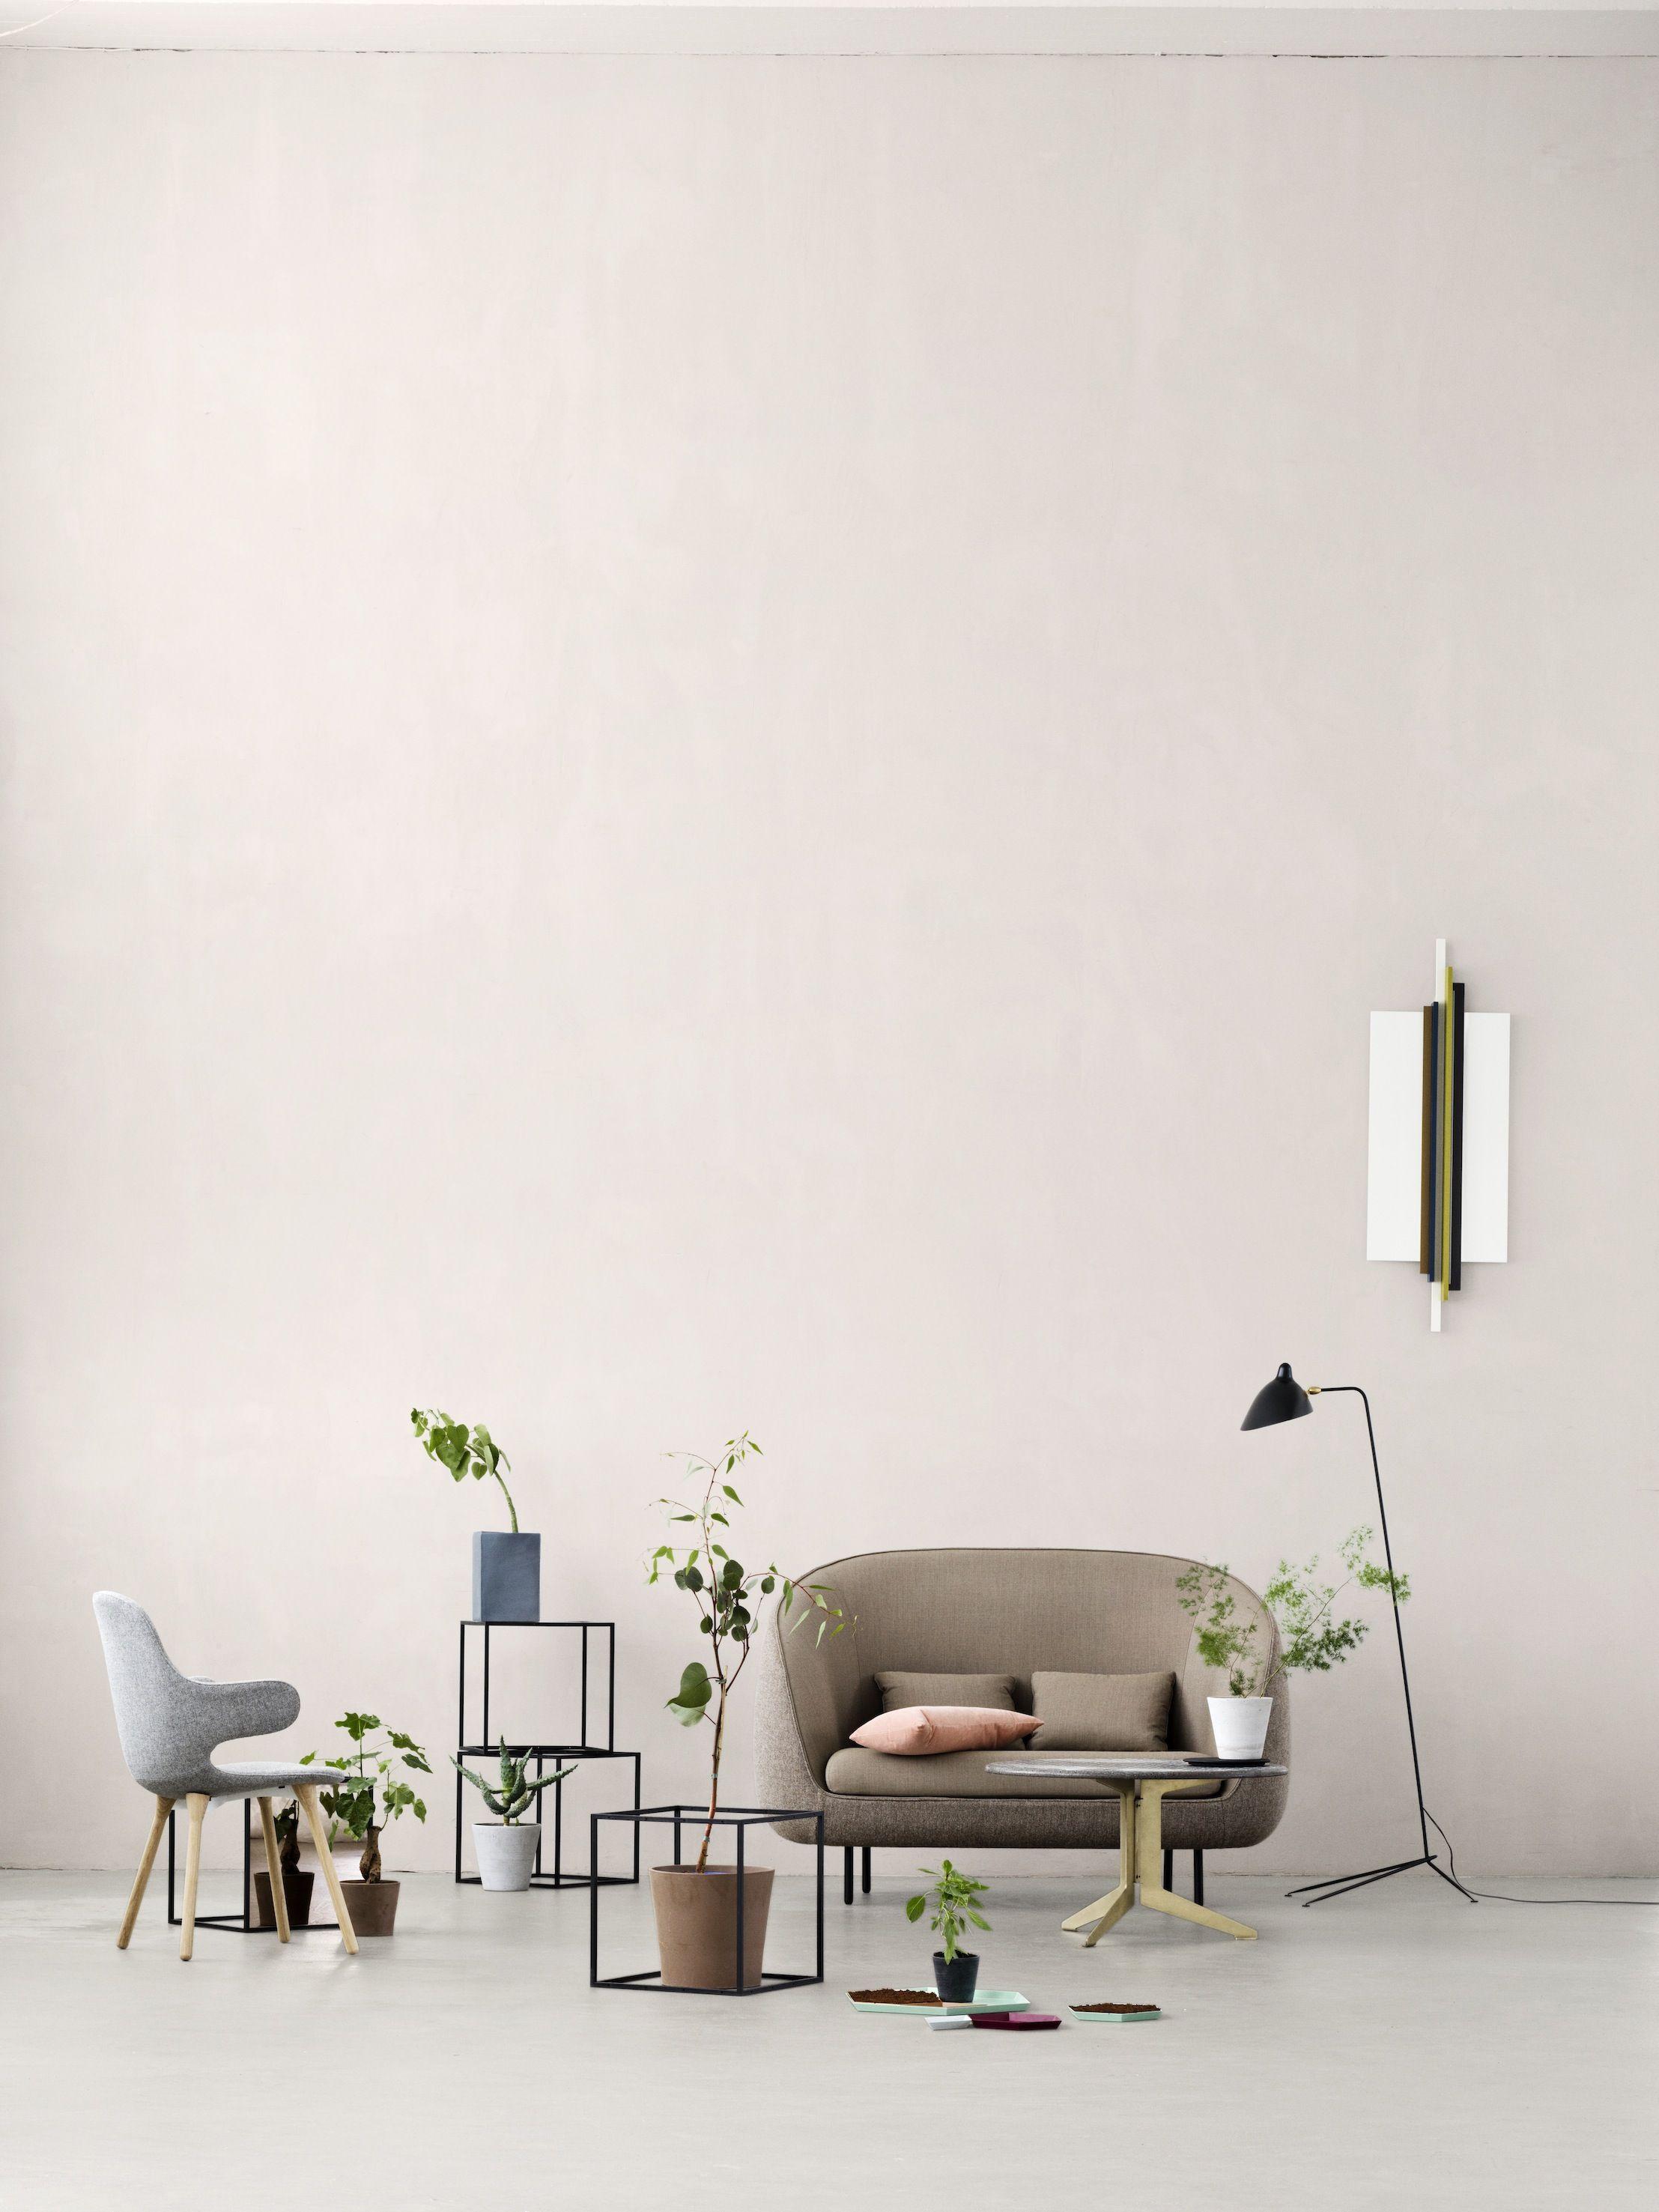 kunst als wohnzimmer wohnidee frische ideen f r die wohnung pinterest wohnideen. Black Bedroom Furniture Sets. Home Design Ideas